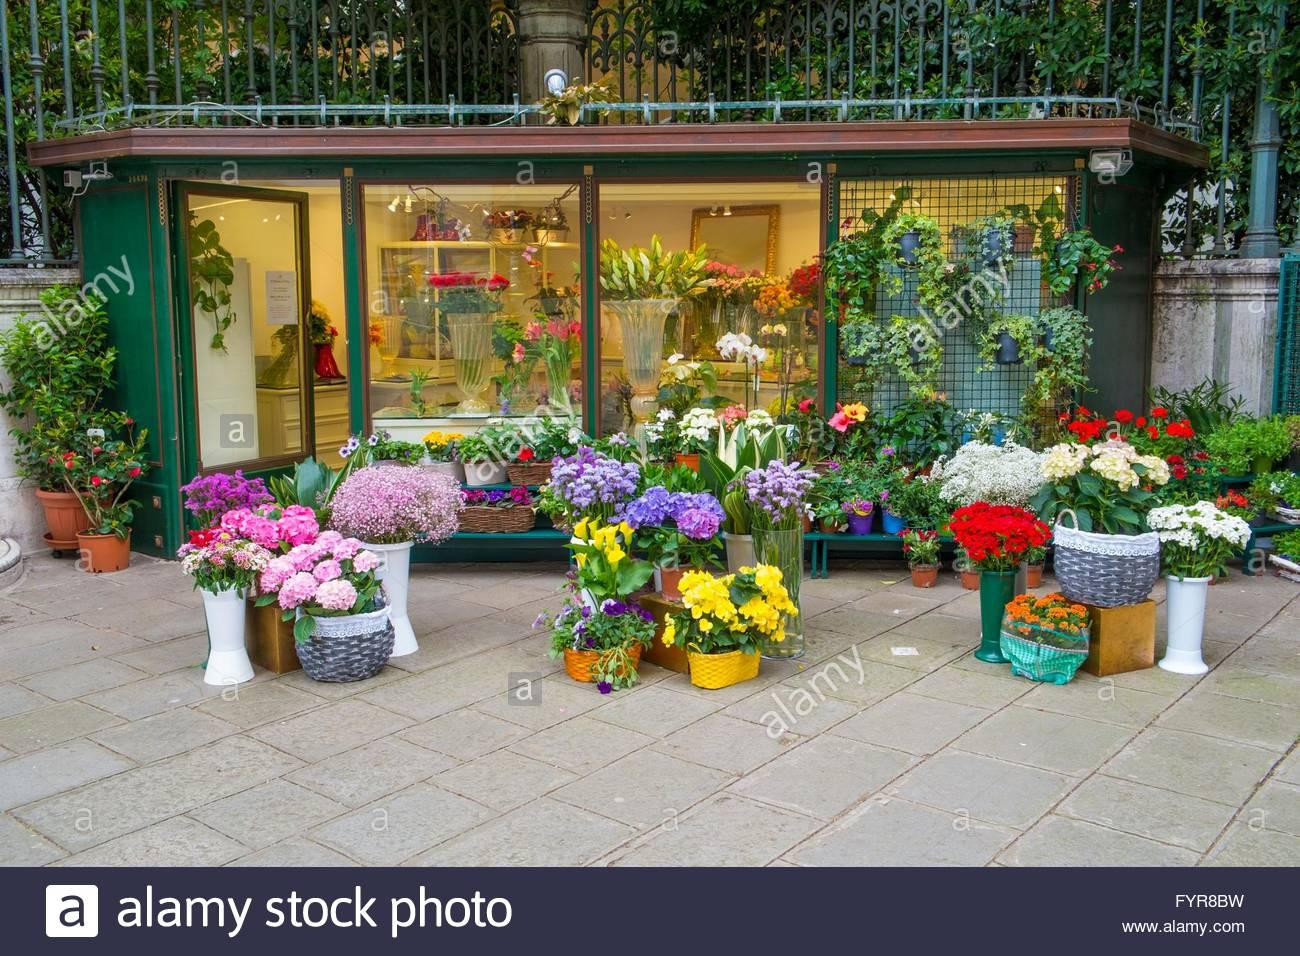 Les fleuristes boutique avec l'extérieur affiche, Campo Santo Stefano, Venise, Italie, Avril Photo Stock